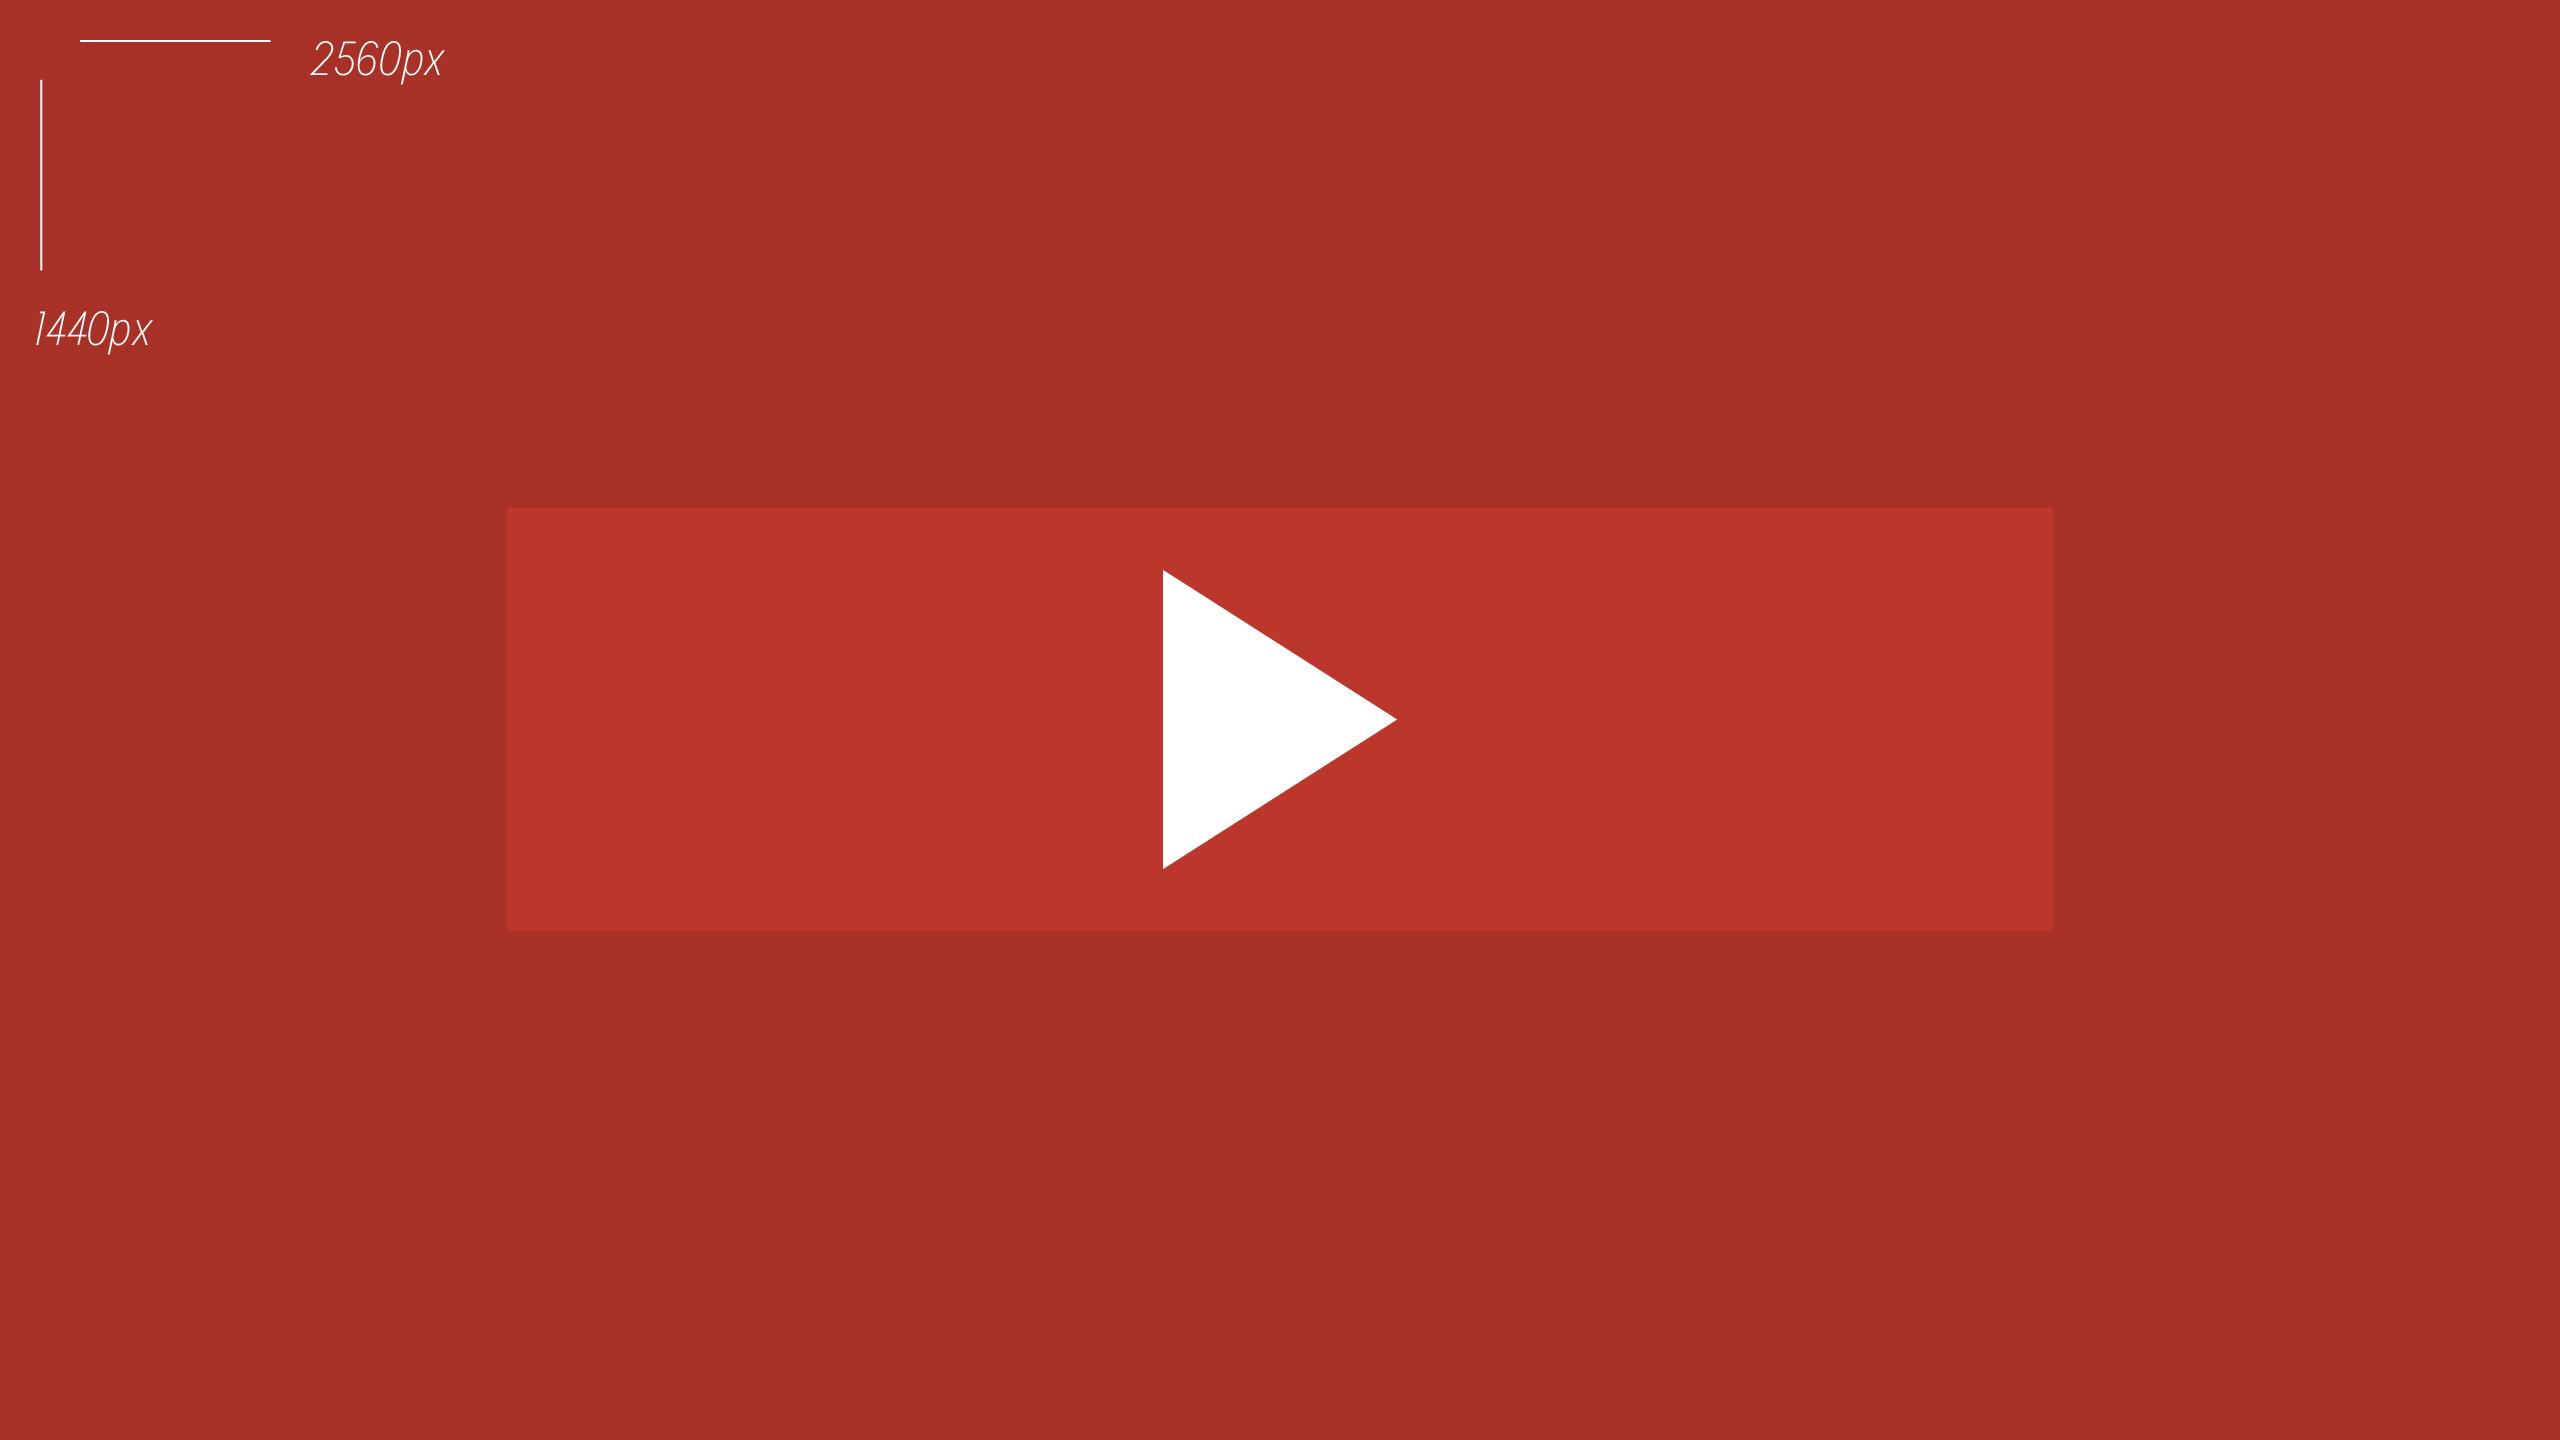 2048x1152 Wallpaper for YouTube - WallpaperSafari